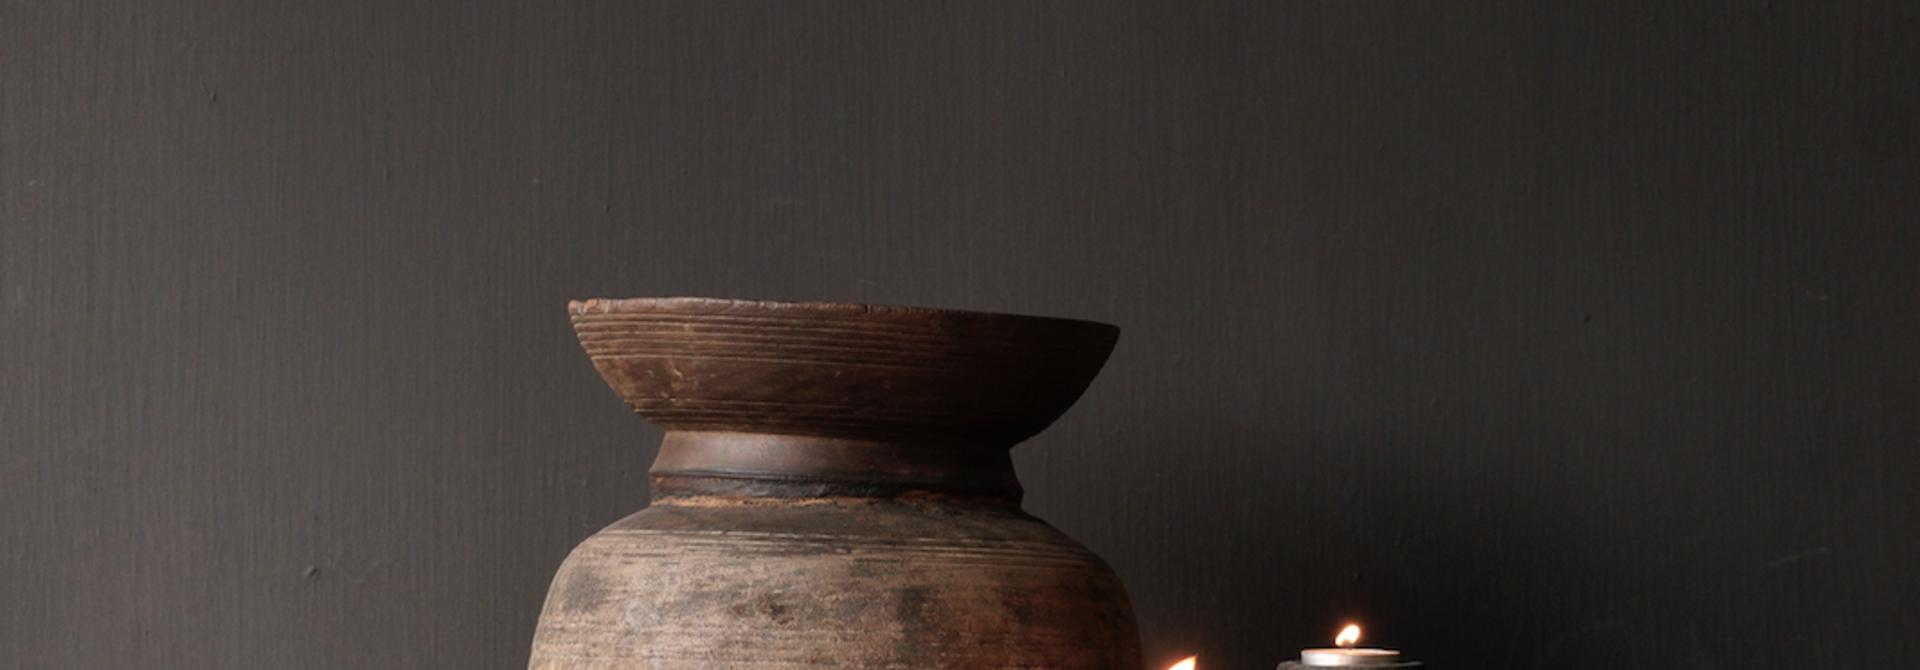 Oude Authentieke houten schaal